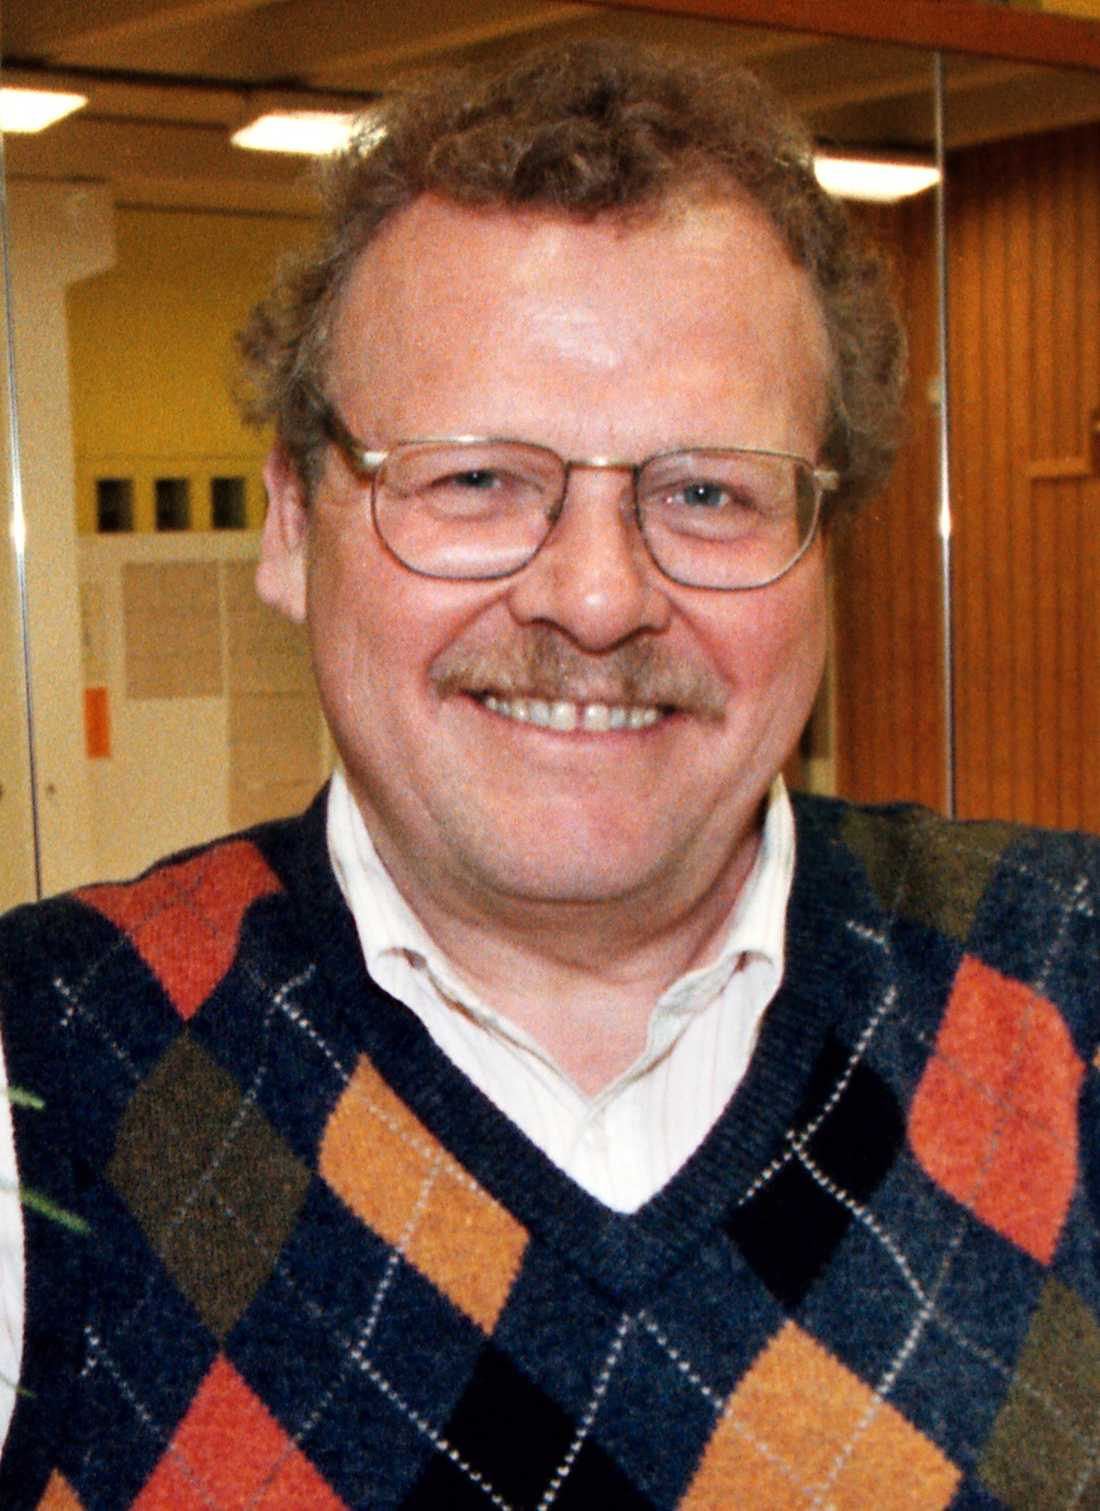 Hans Waldenström, 69: Anställdes som hallåa på 70-talet. Har även arbetat som språkvårdare på SR och SVT.